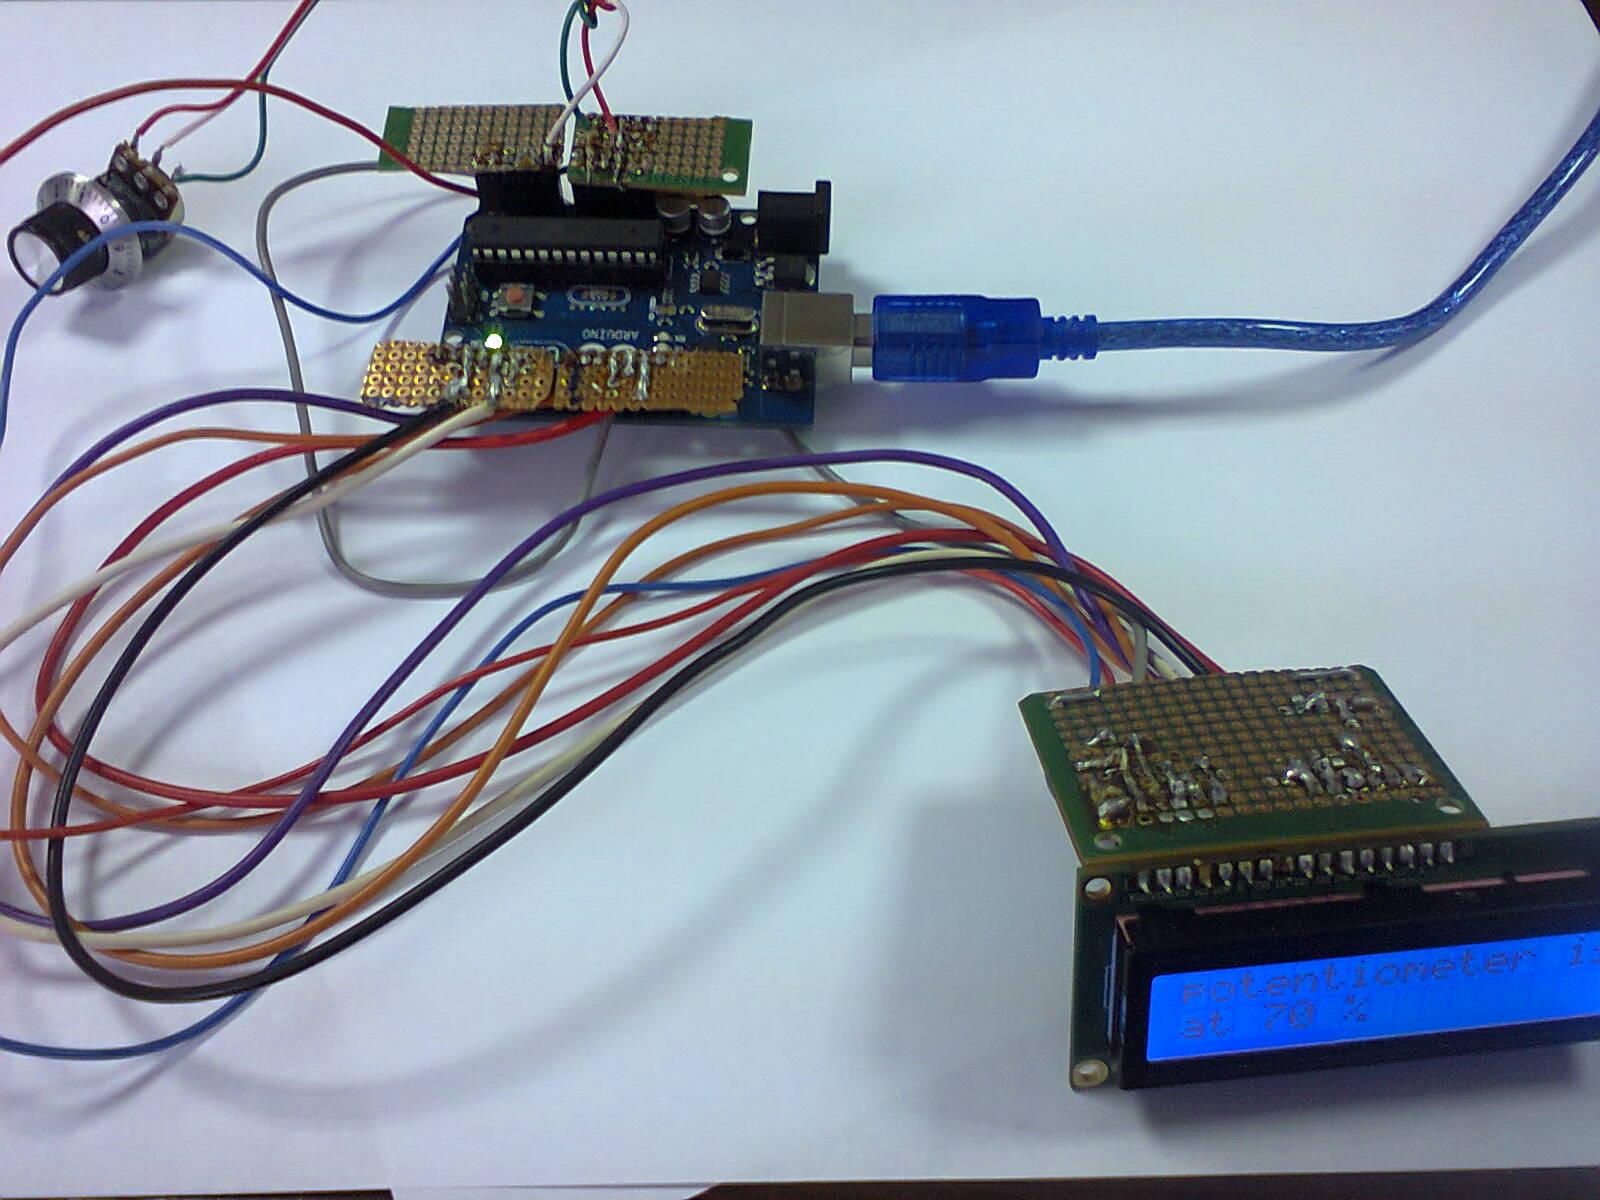 Nicu Florica Niq Ro Arduino Si O Intrare Analogica Afisare Pe Lcd Circuit Pic16f628 Rf Remote Buton 433mhz Button Valorile Citite La Sunt Convertite In 1024 Trepte 2 Puterea 10 De 0 1023